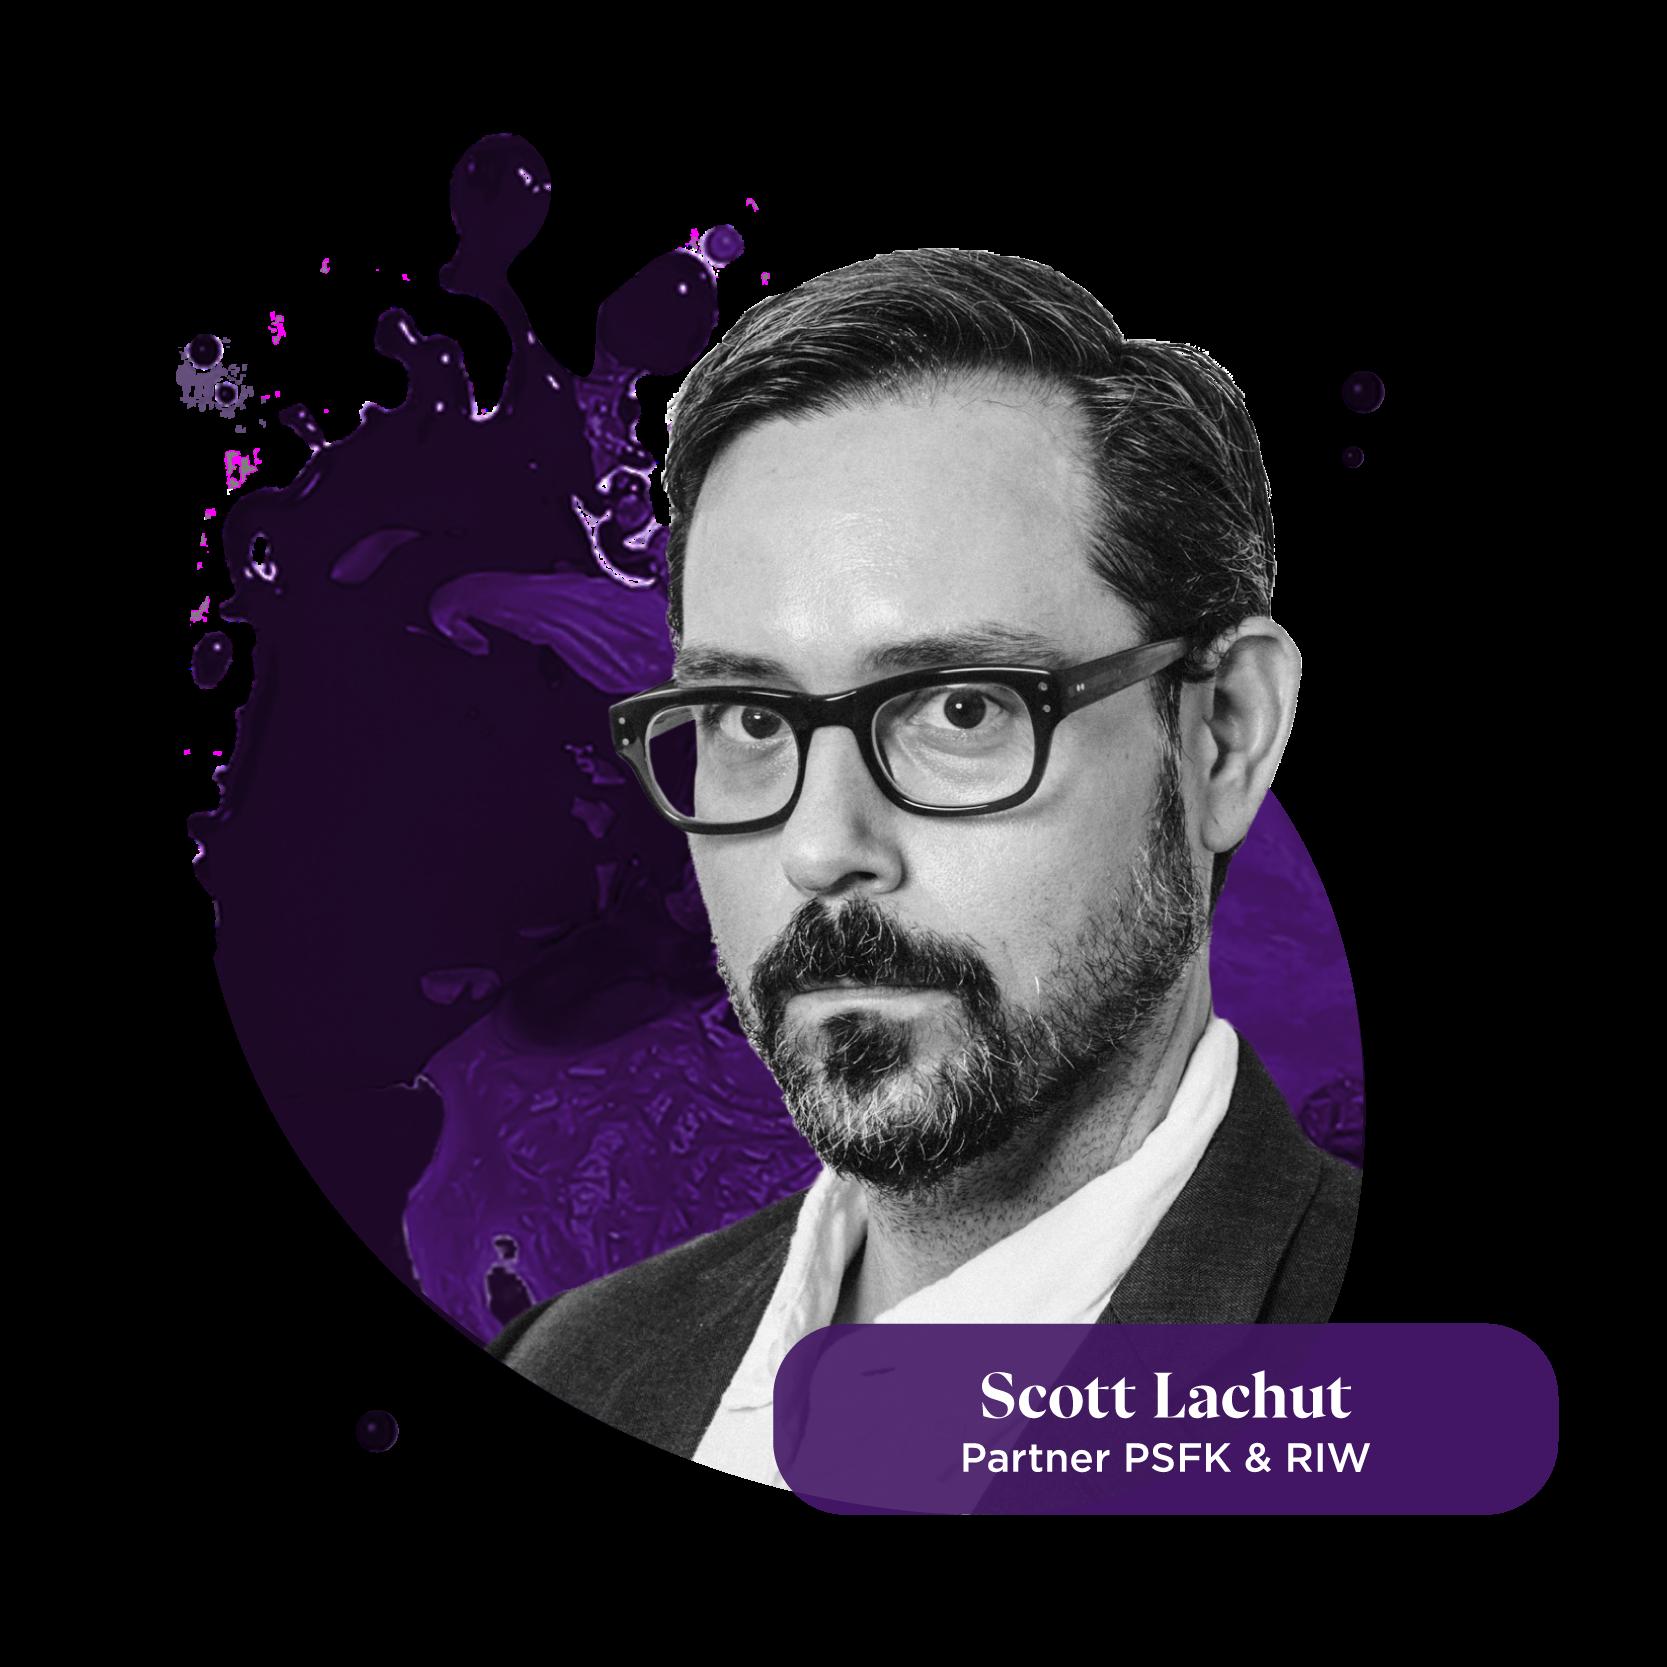 Scott Lachut